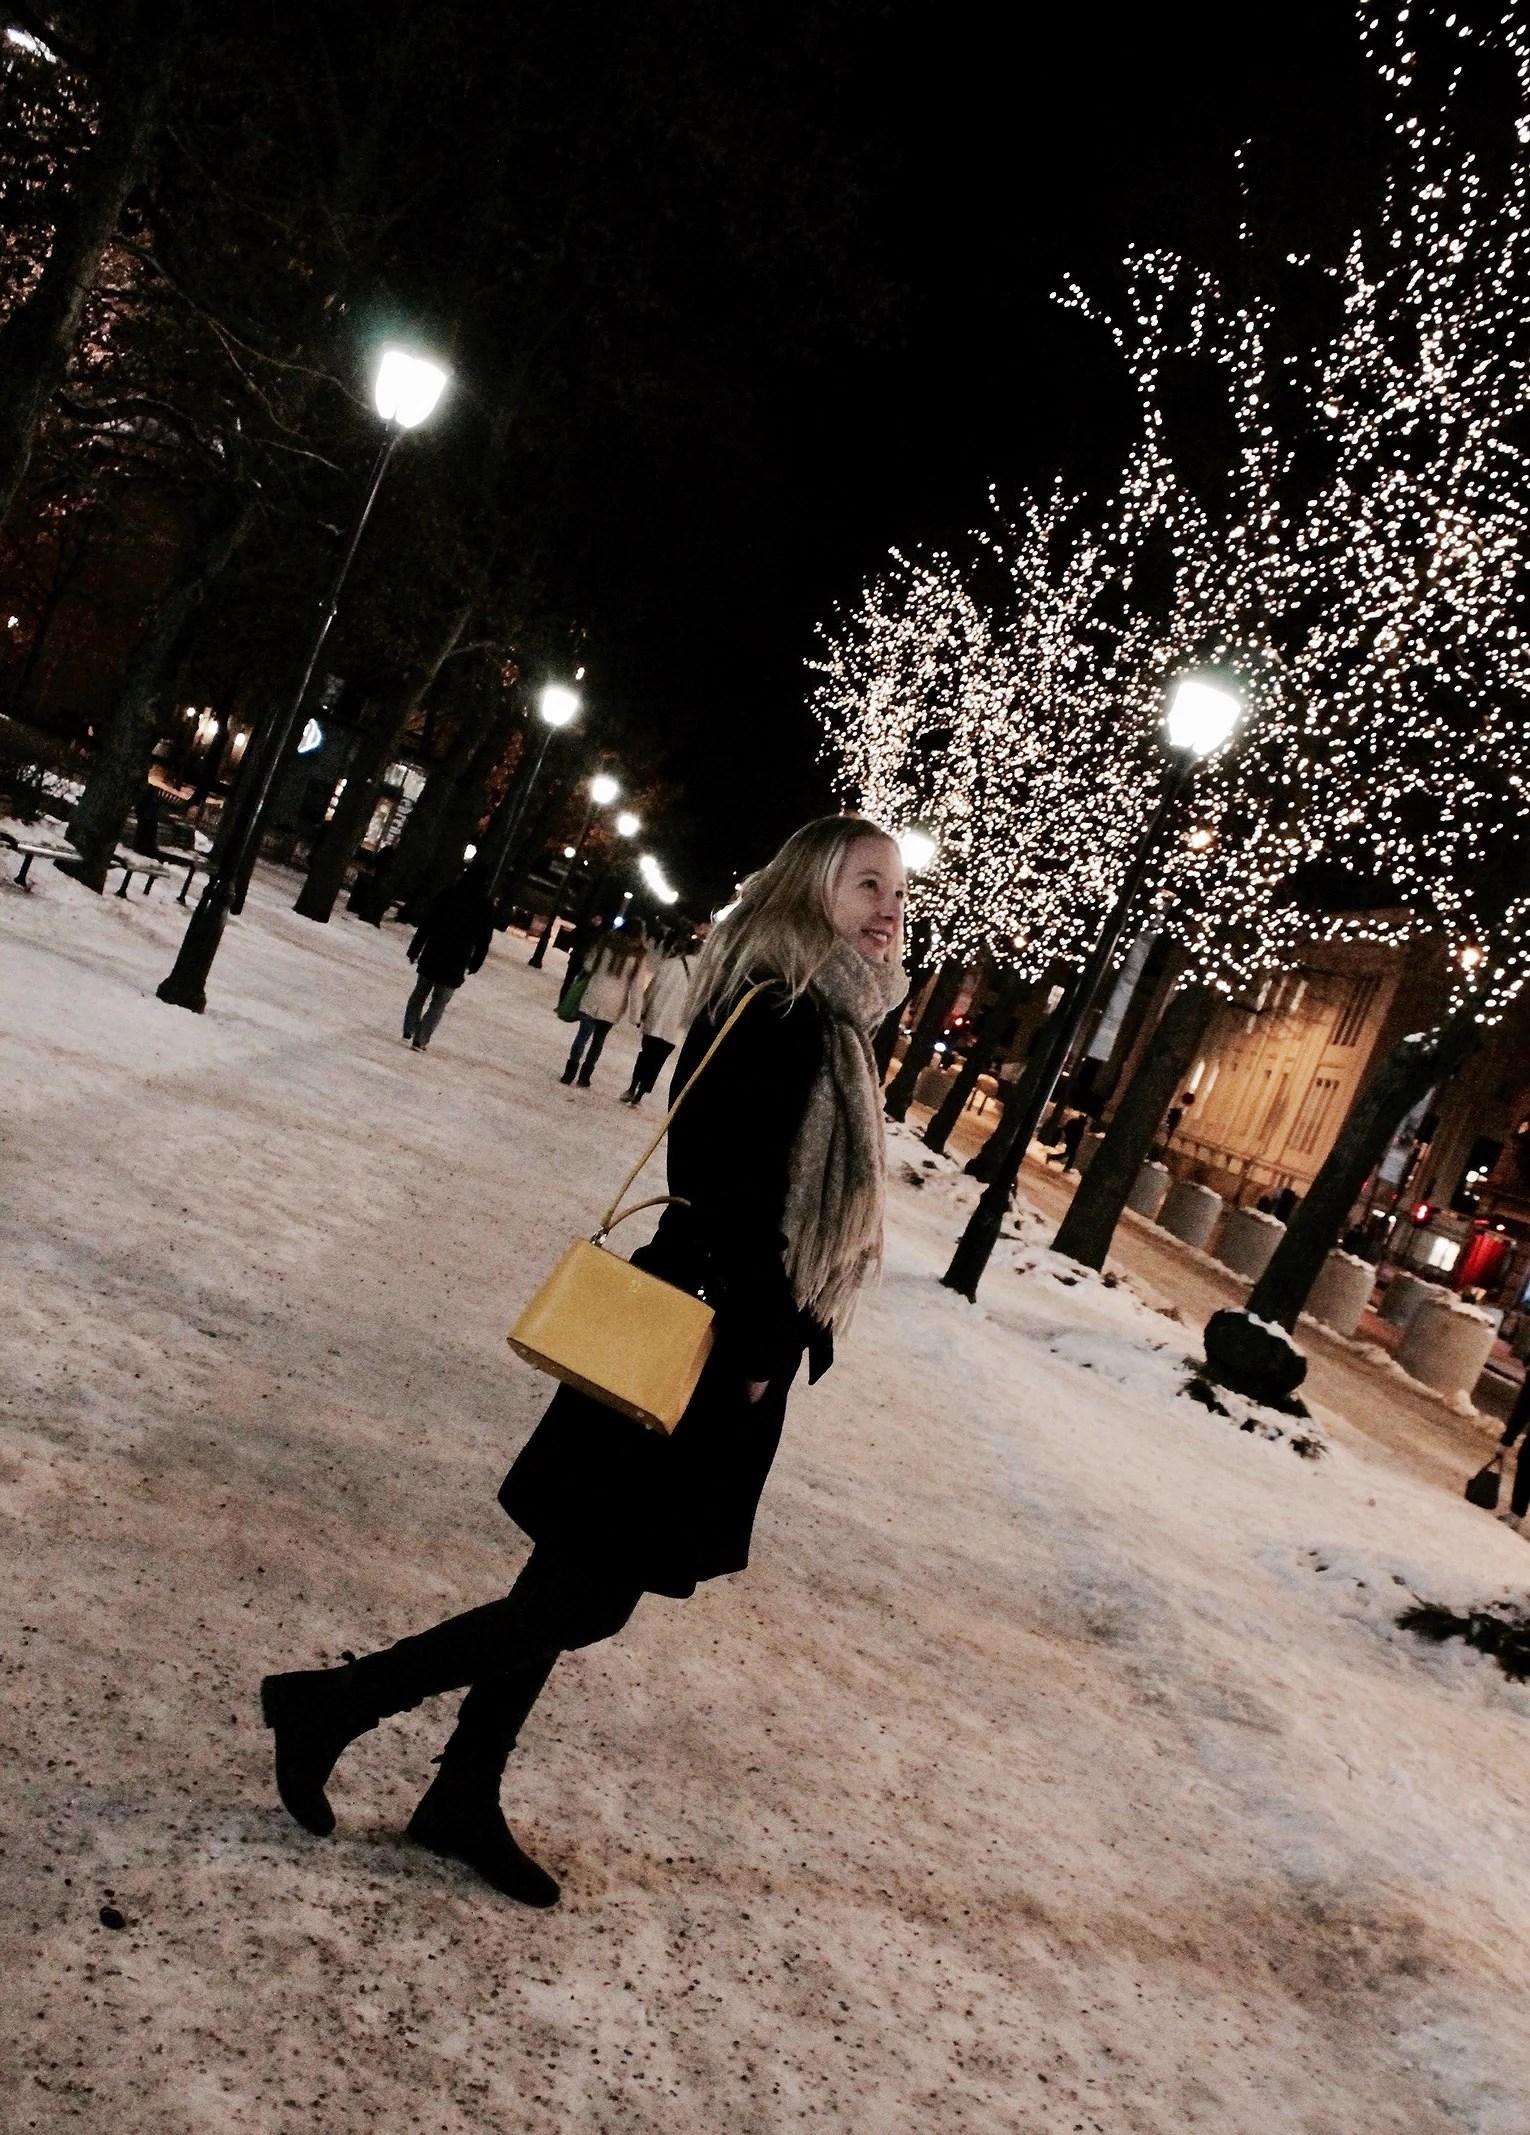 Late night in Oslo